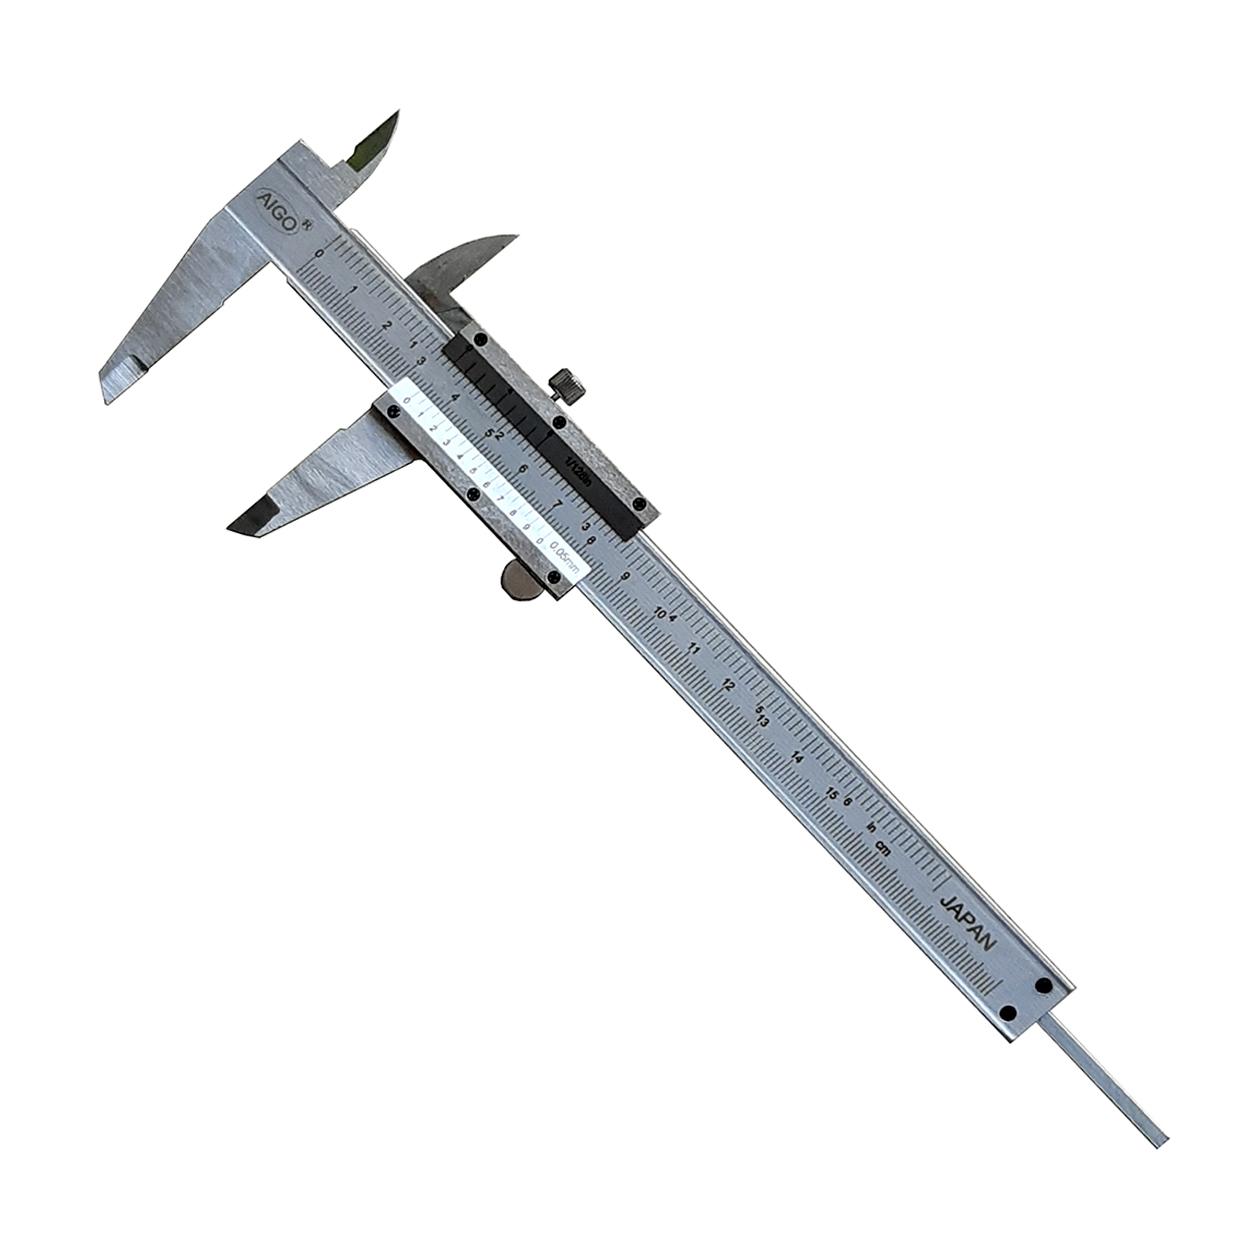 کولیس آیقو مدل AT-100 گستره 150-0 میلی متر